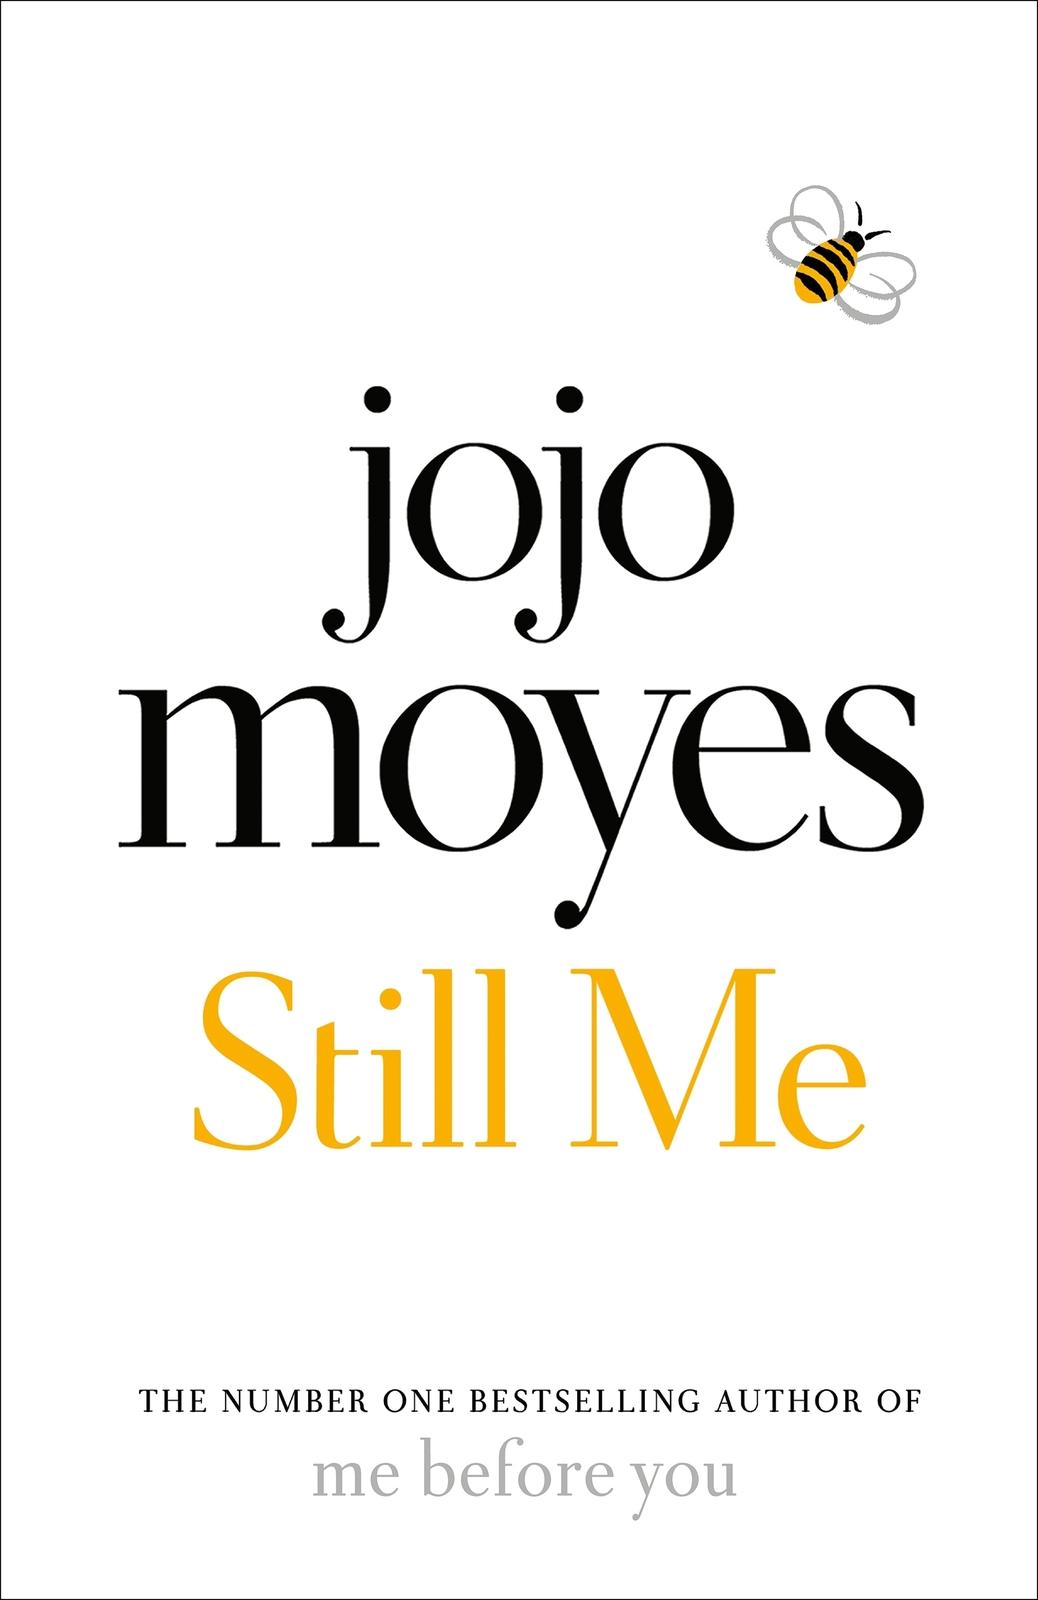 Still Me by Jojo Moyes image